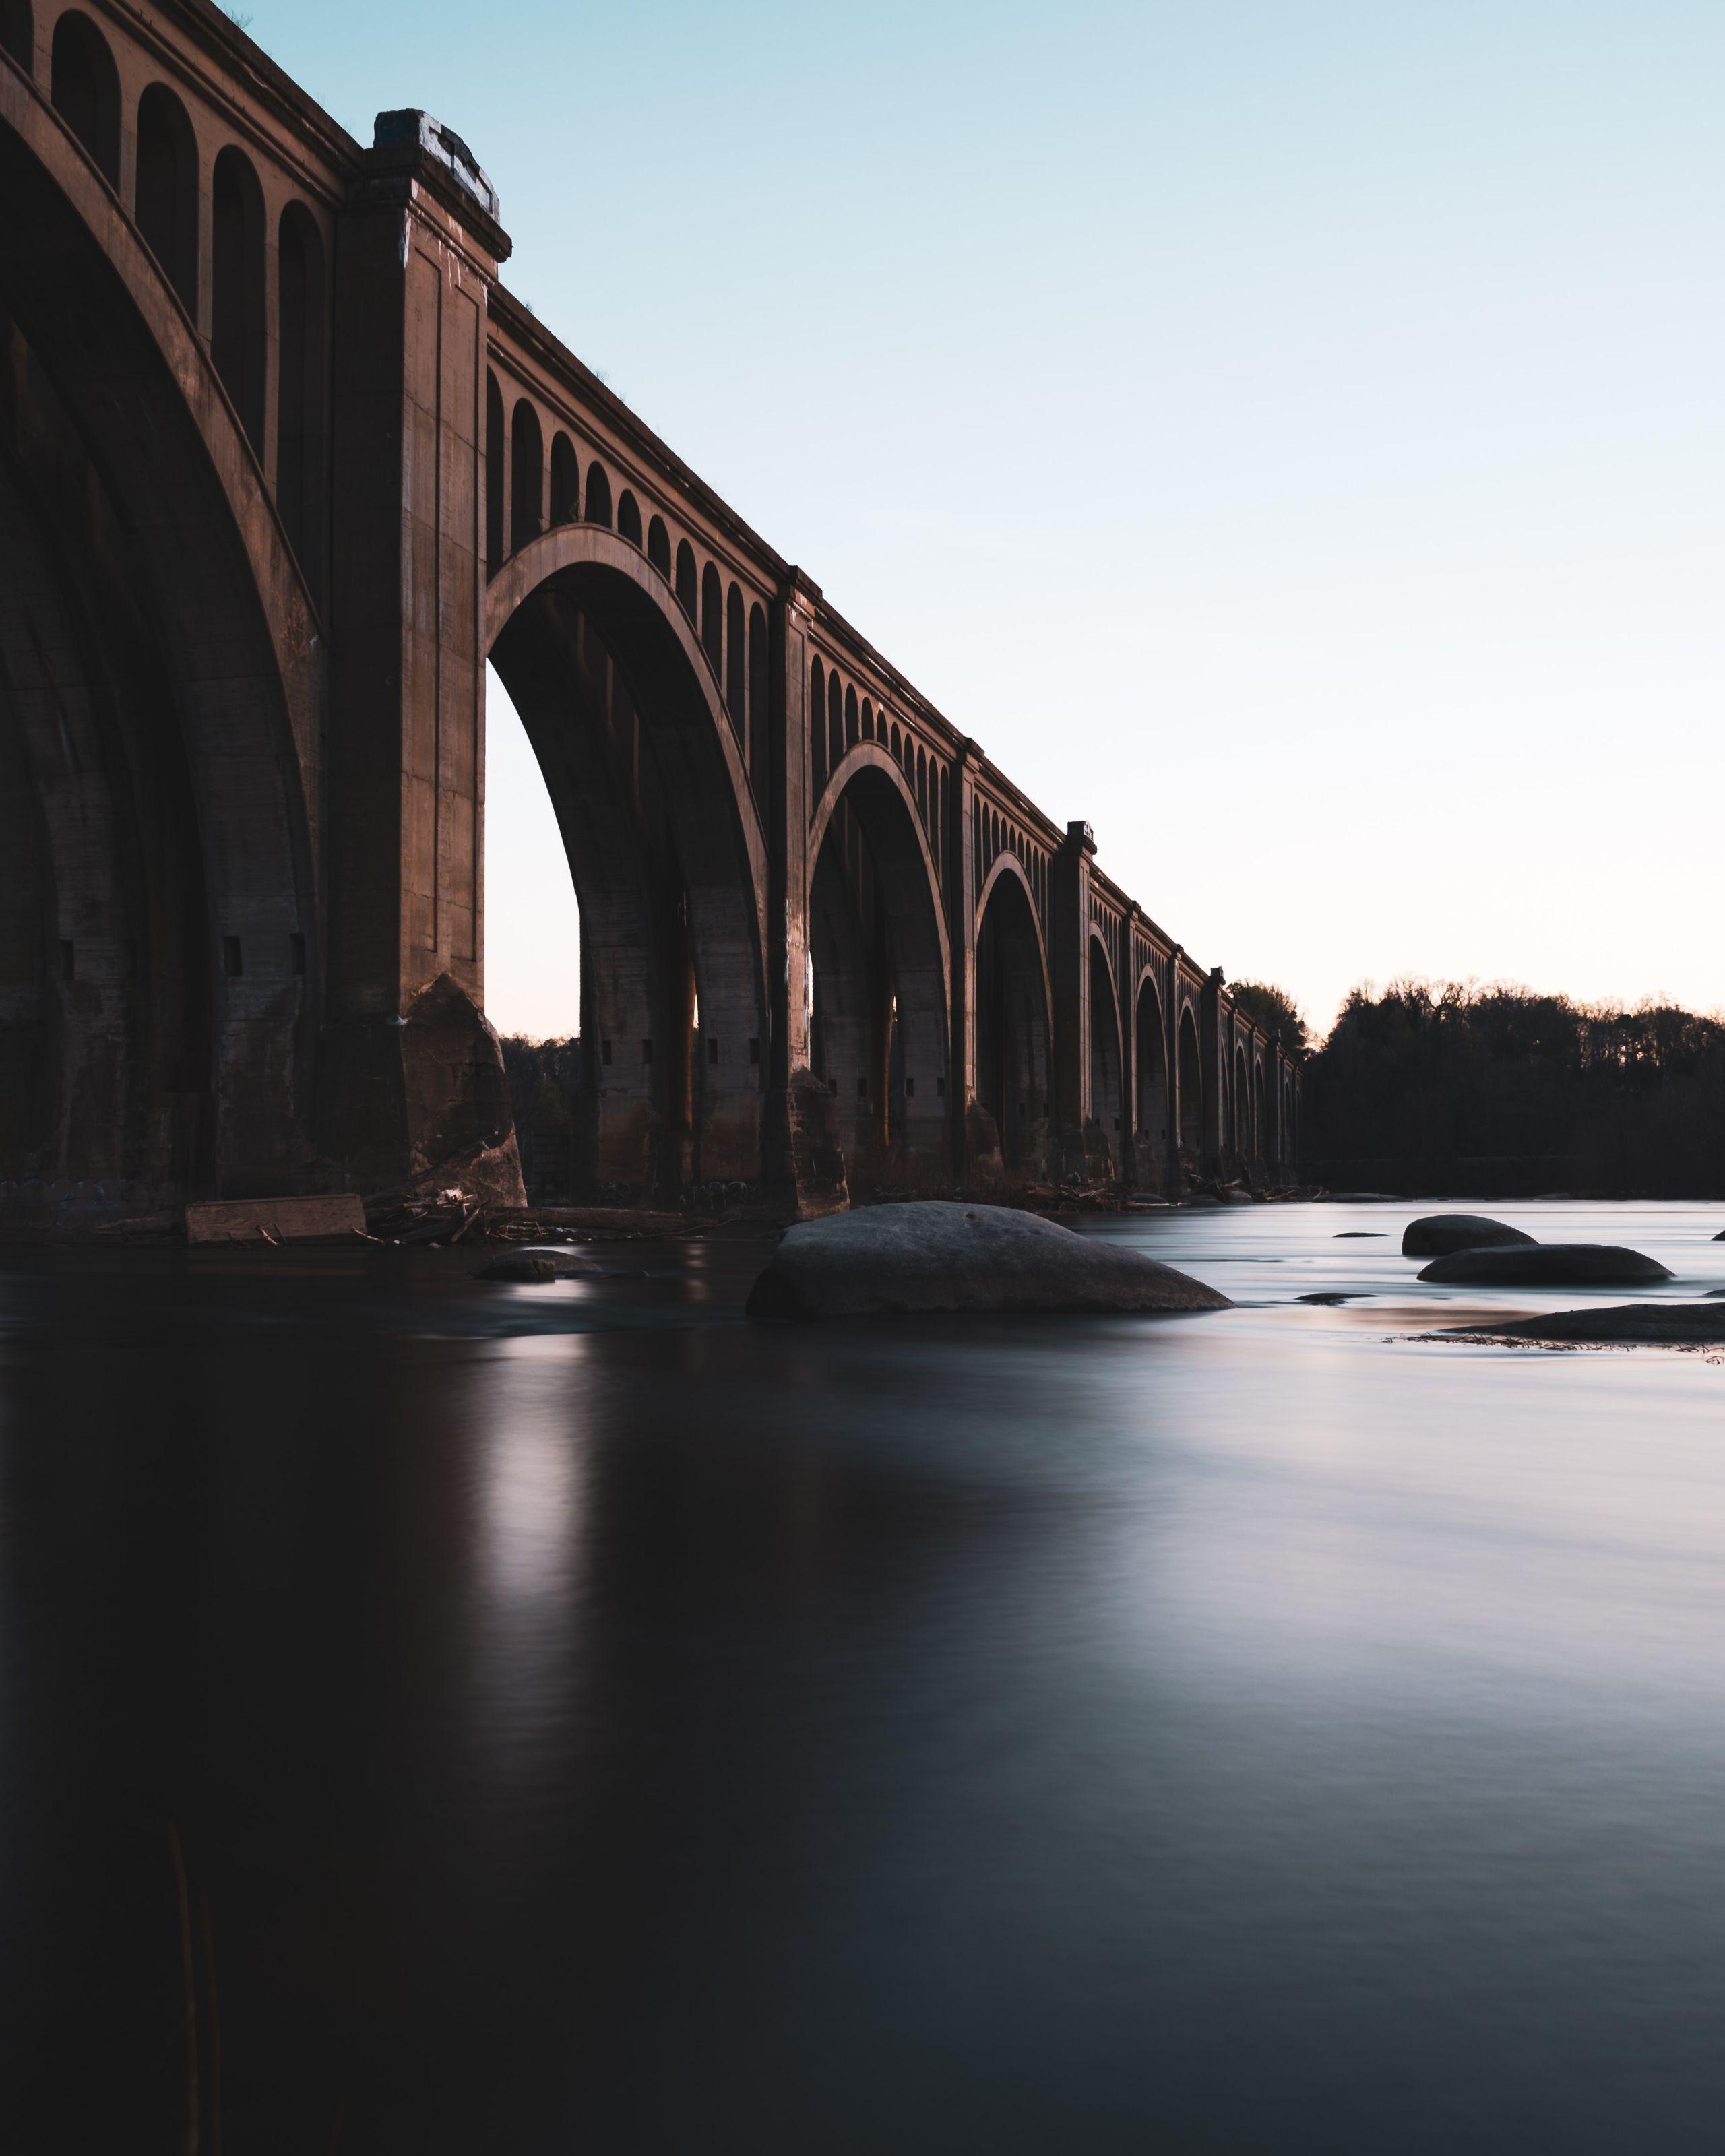 Train Bridge over the James River